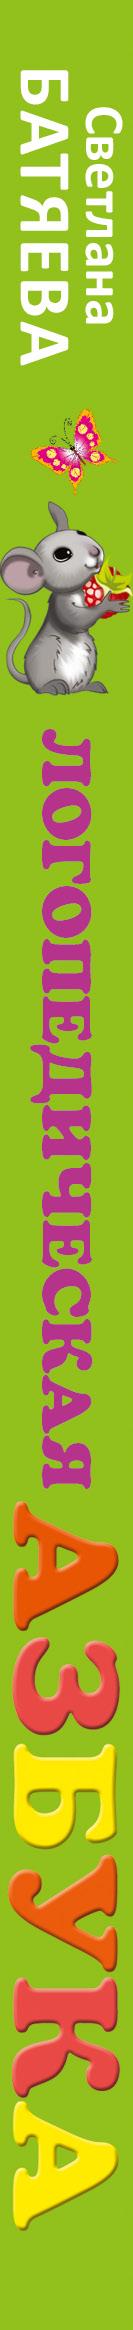 Логопедическая азбука. Комплексная авторская методика по обучению чтению